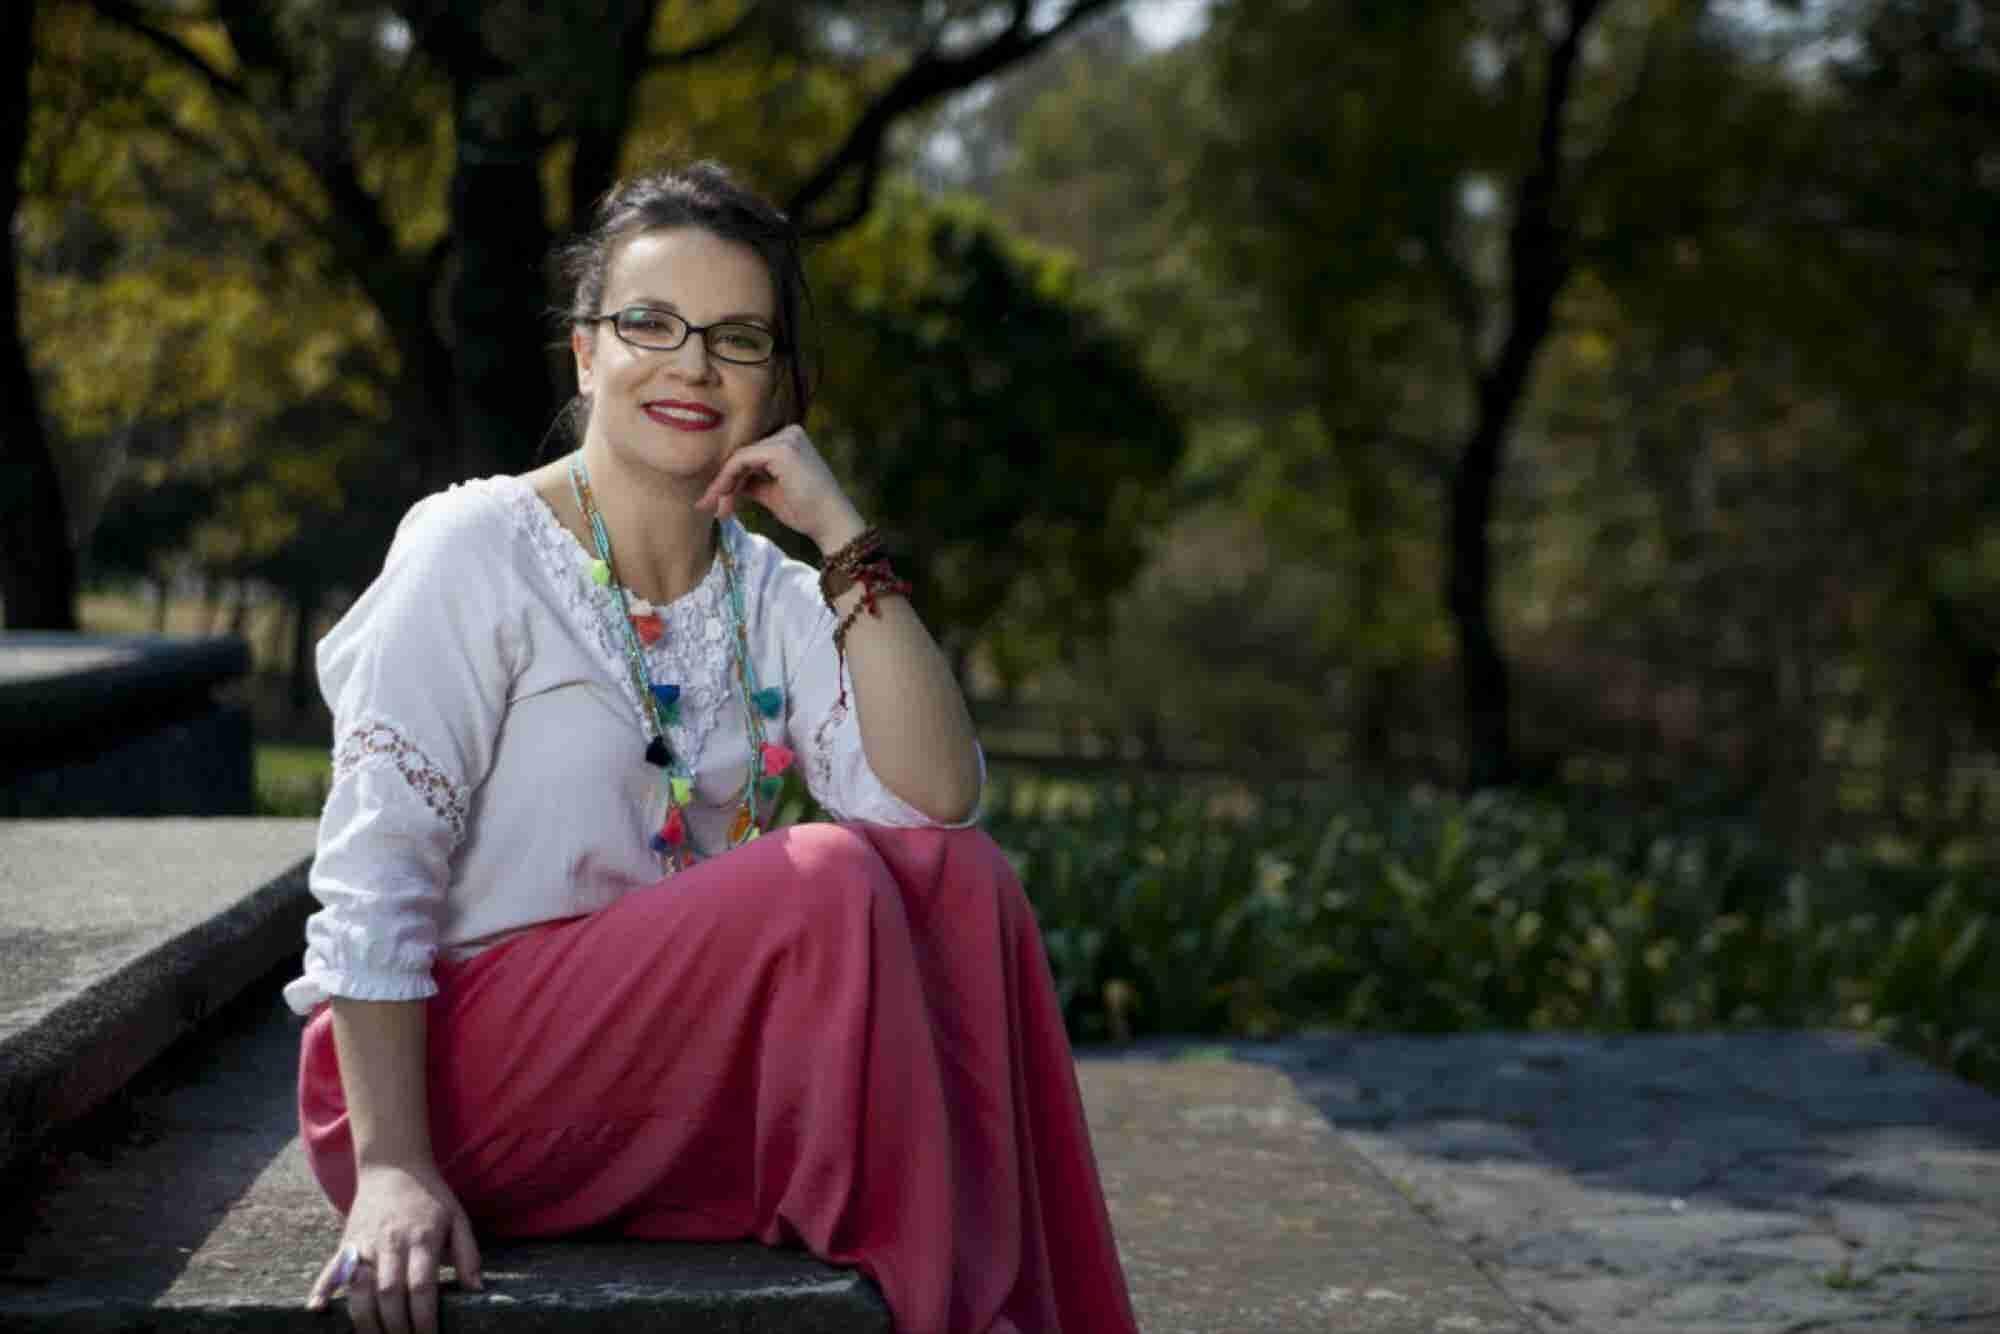 La emprendedora que sobrevivió el 19S para ayudar a cambiar la socieda...